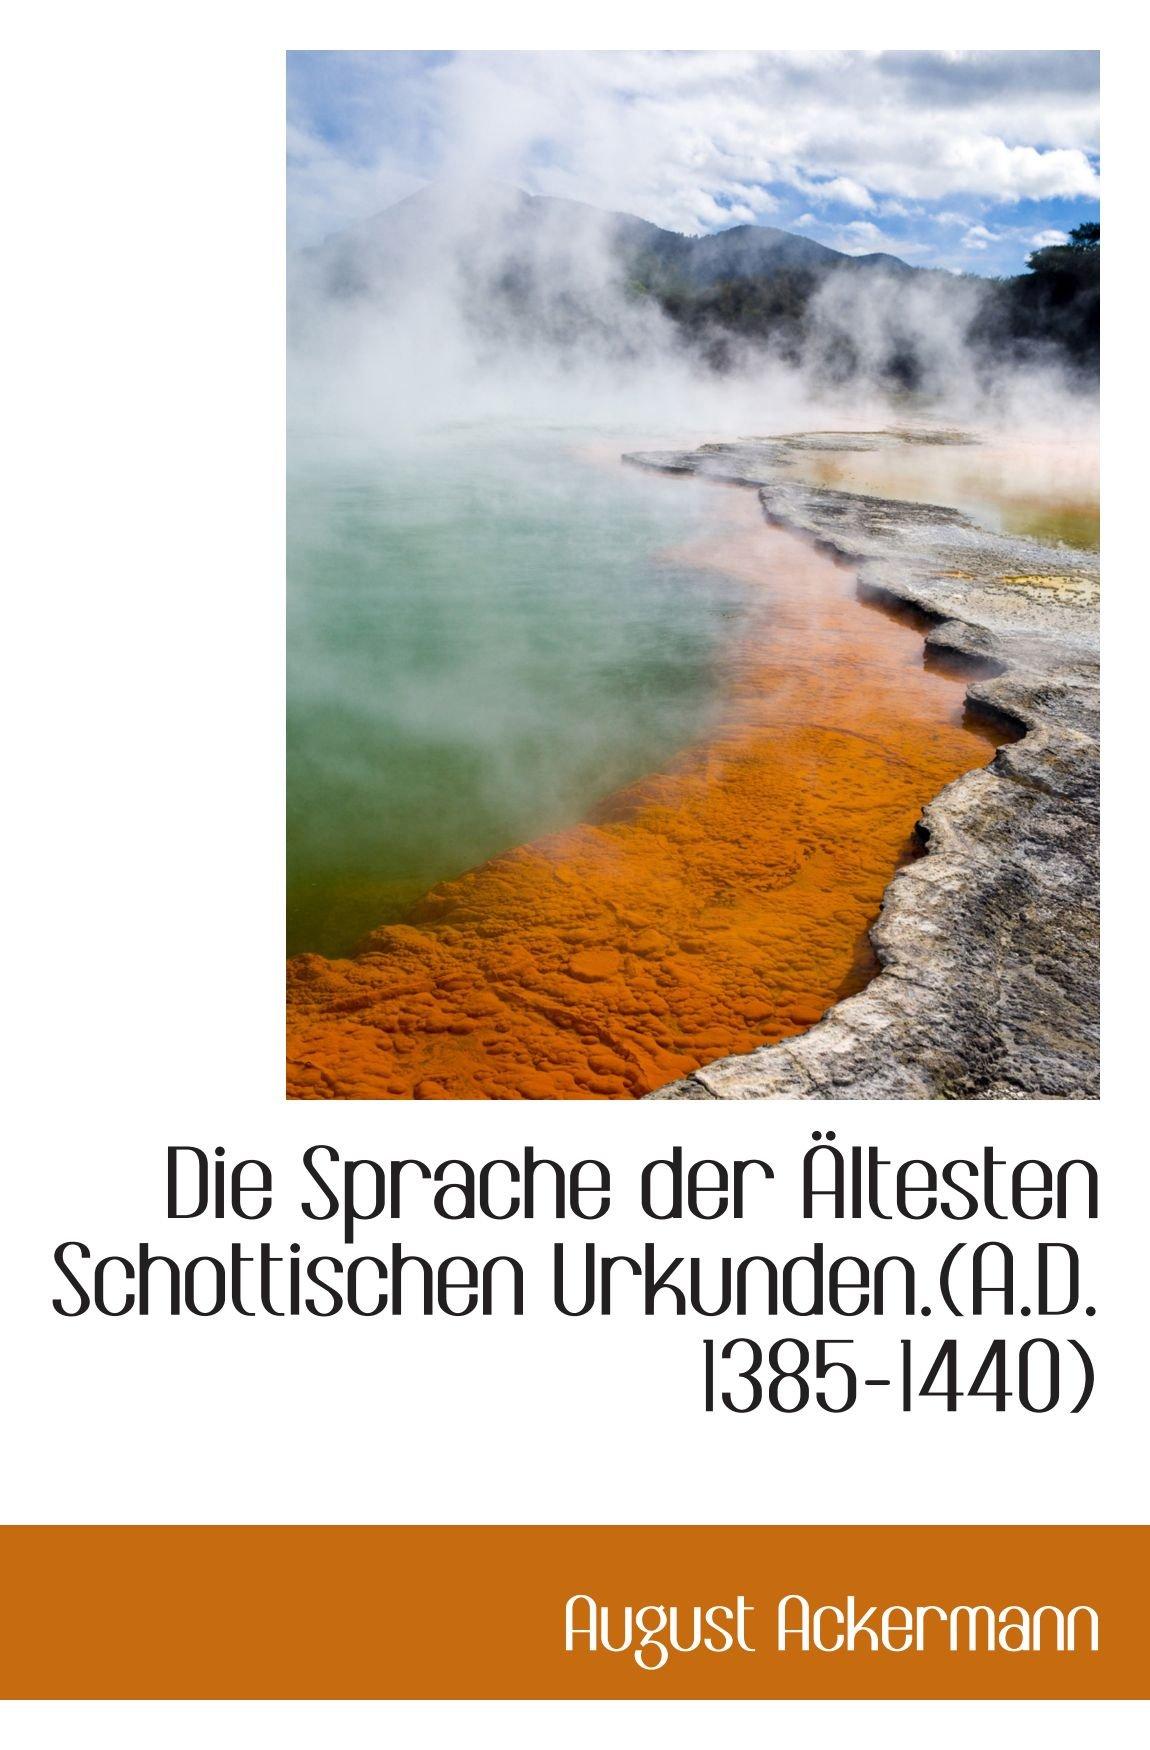 Die Sprache der Ältesten Schottischen Urkunden.(A.D. 1385-1440) pdf